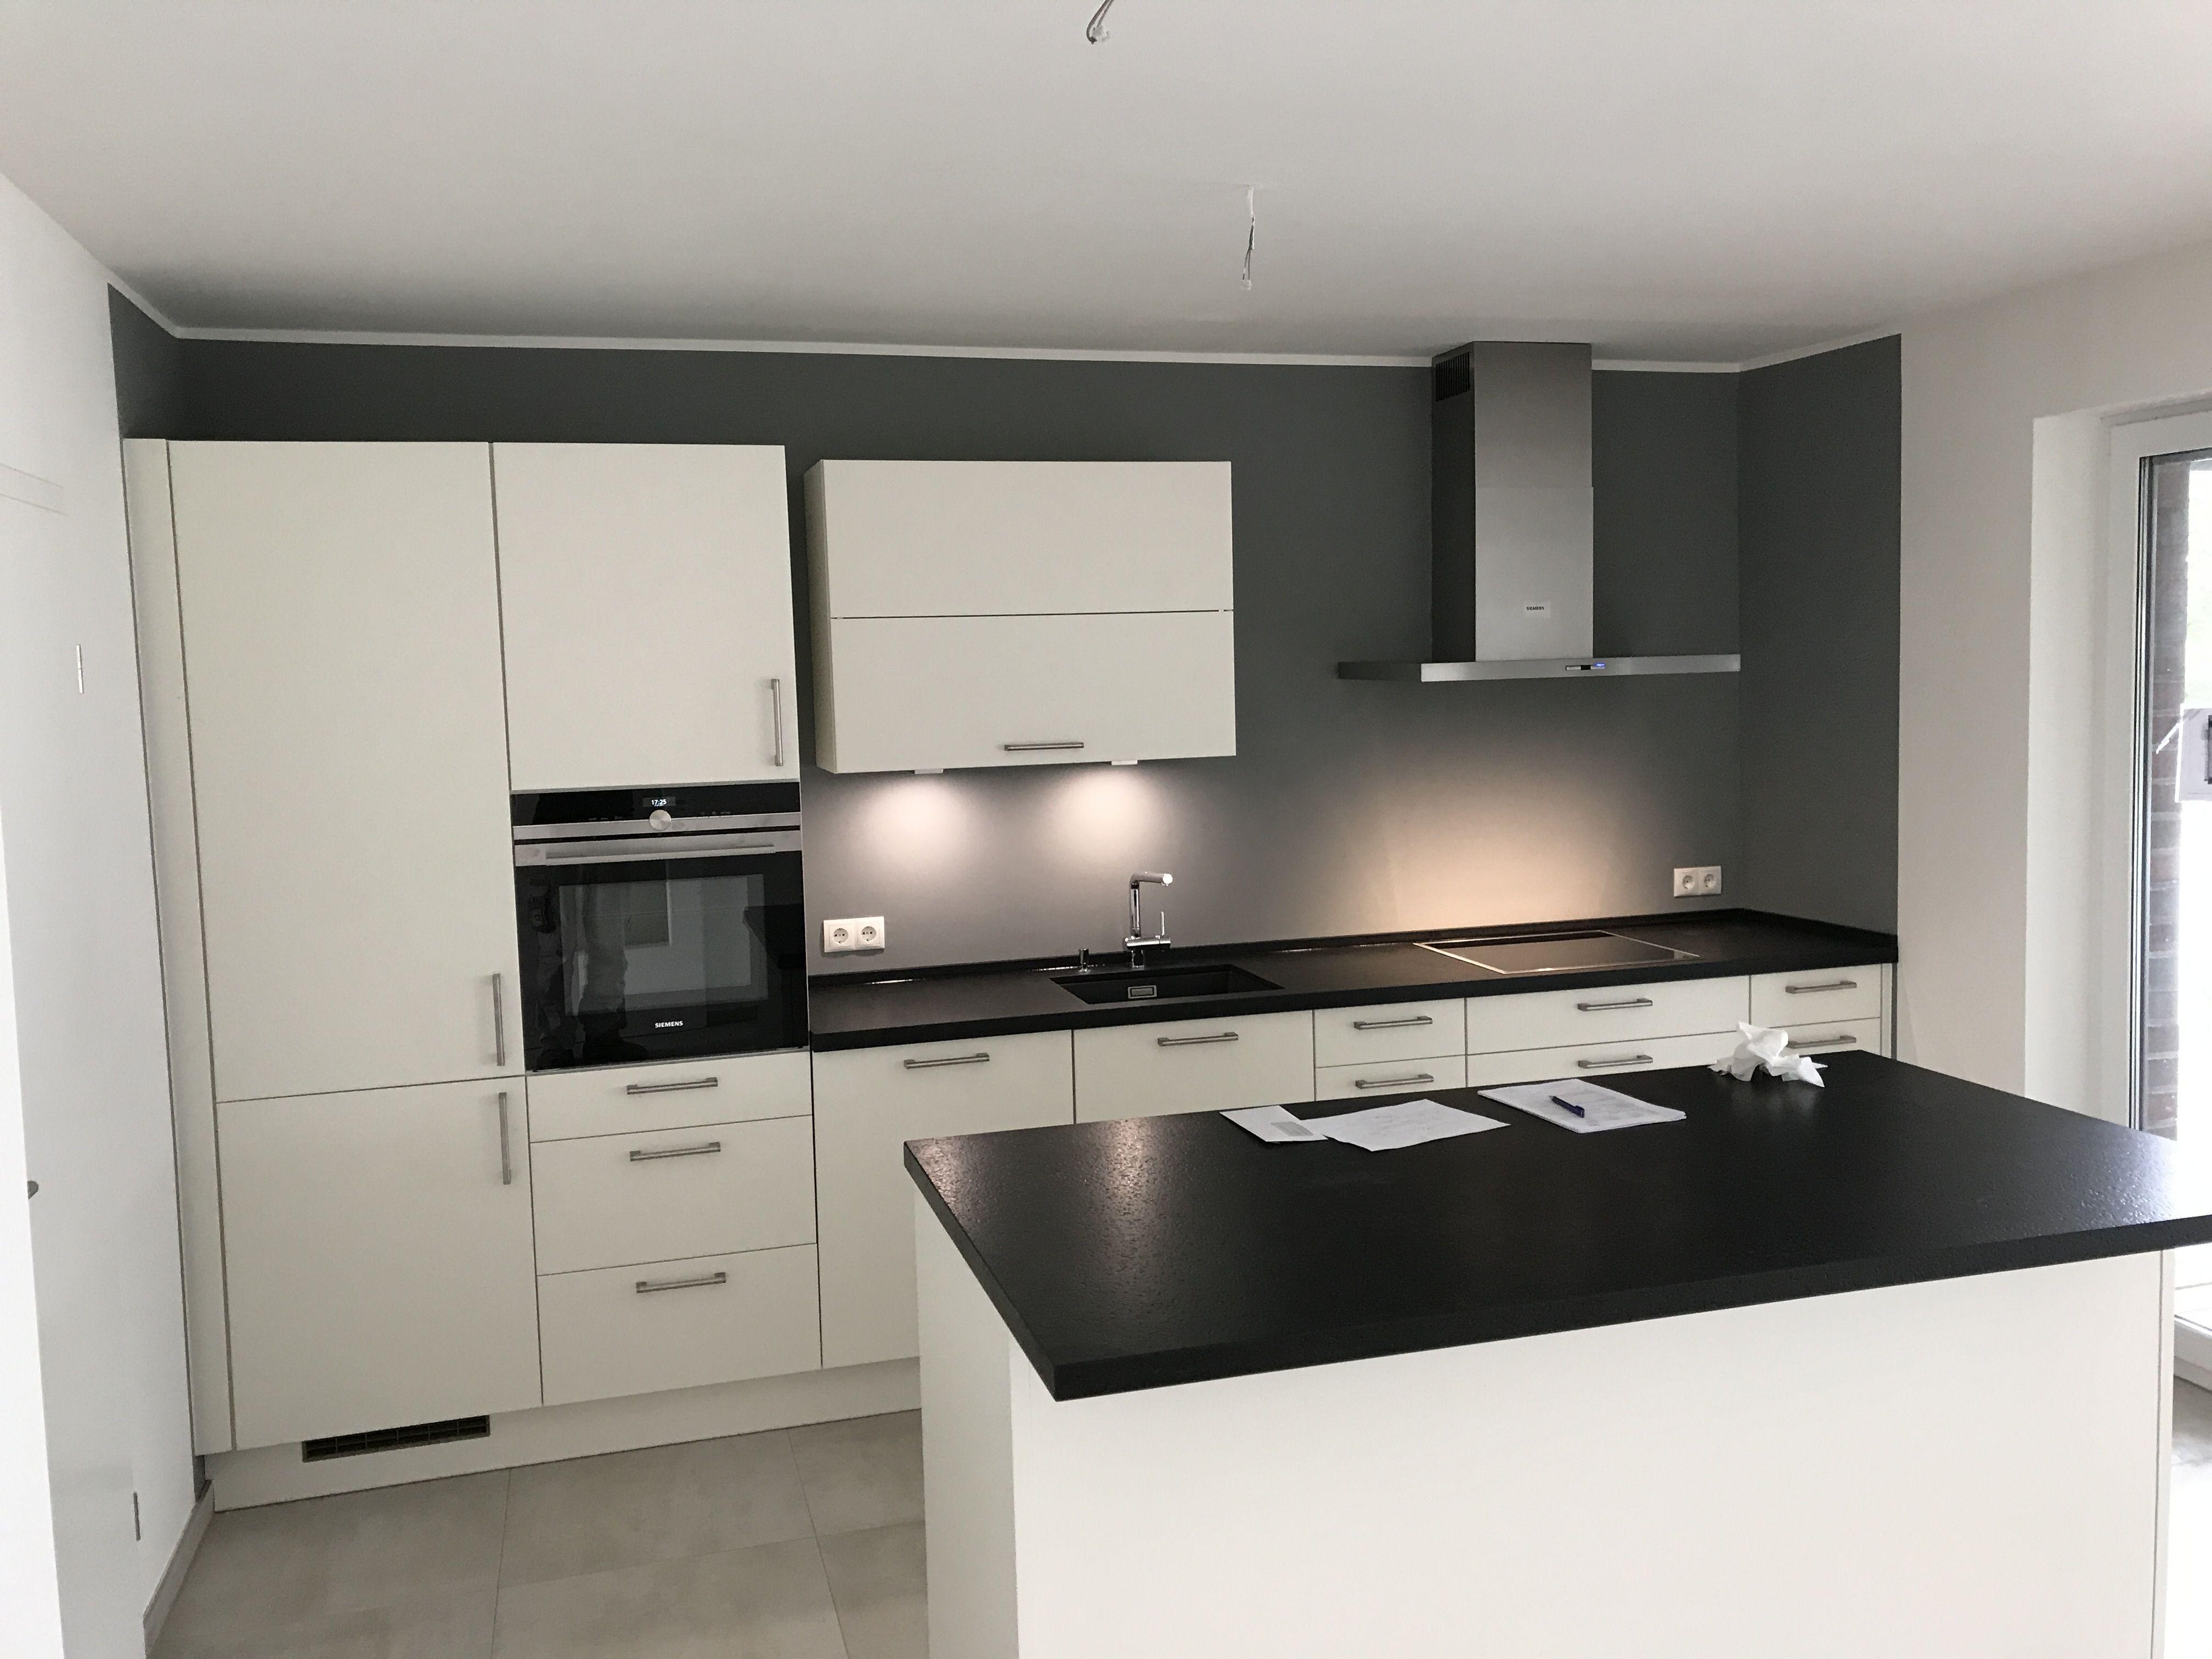 Pin von WKS GmbH auf Unsere Küchen Planen und bauen